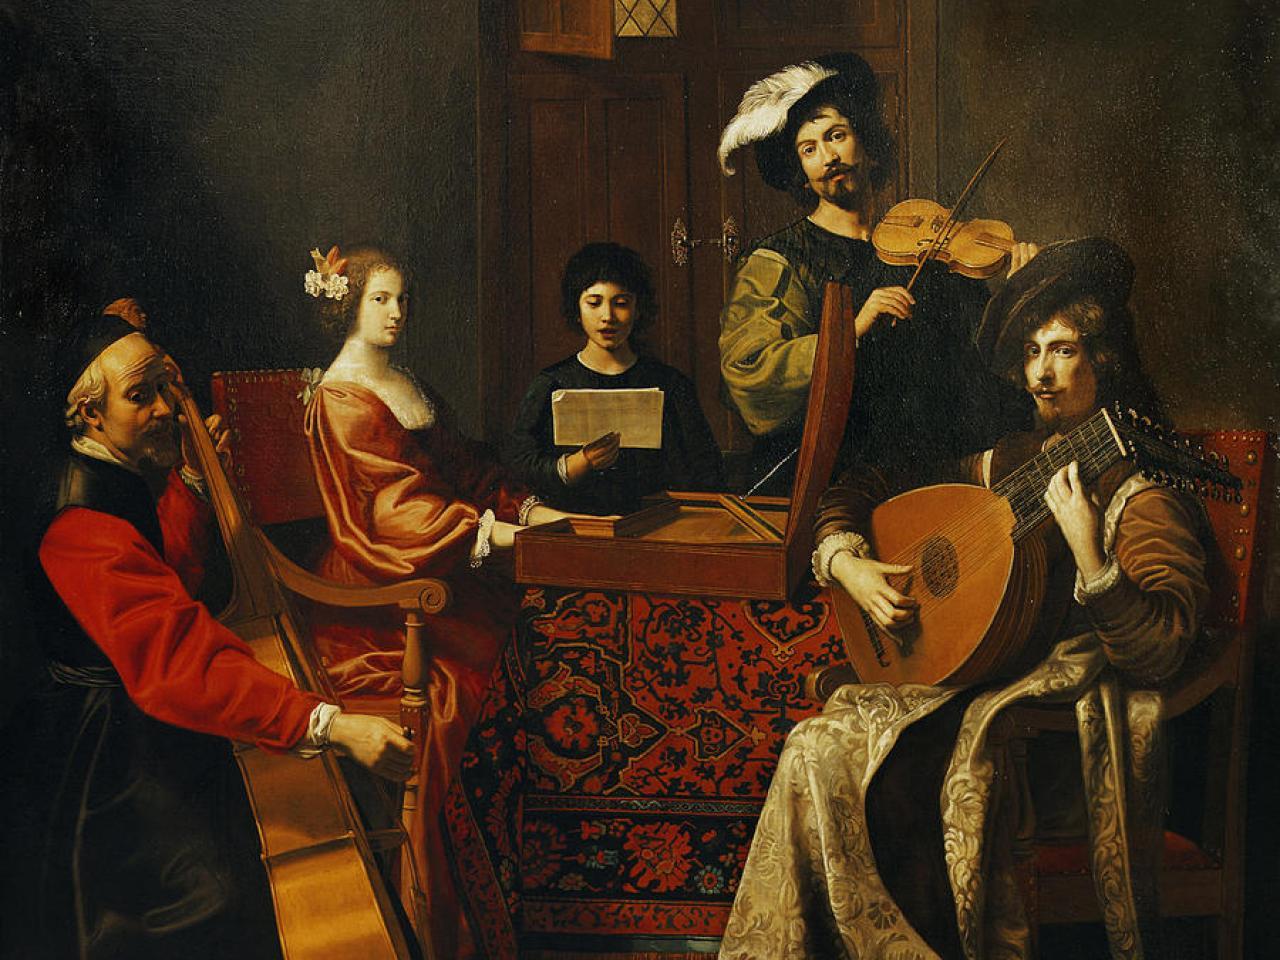 Peinture d'une scène de musiciens par Tournier